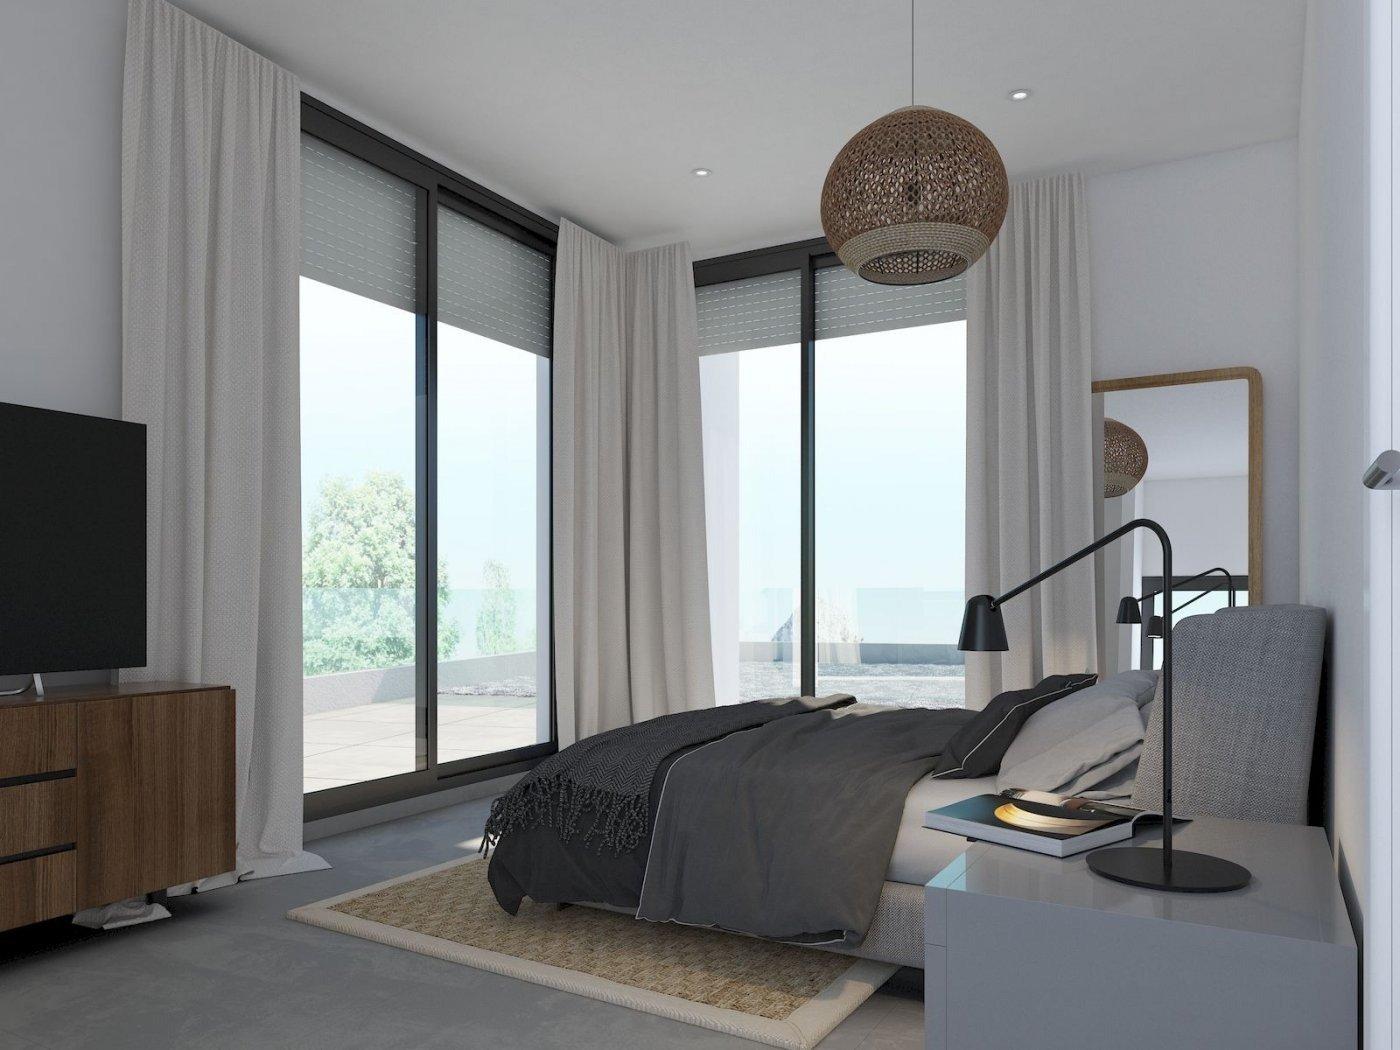 Villa de obra nueva de estilo moderno en venta en calpe a 600 m de la playa - imagenInmueble3